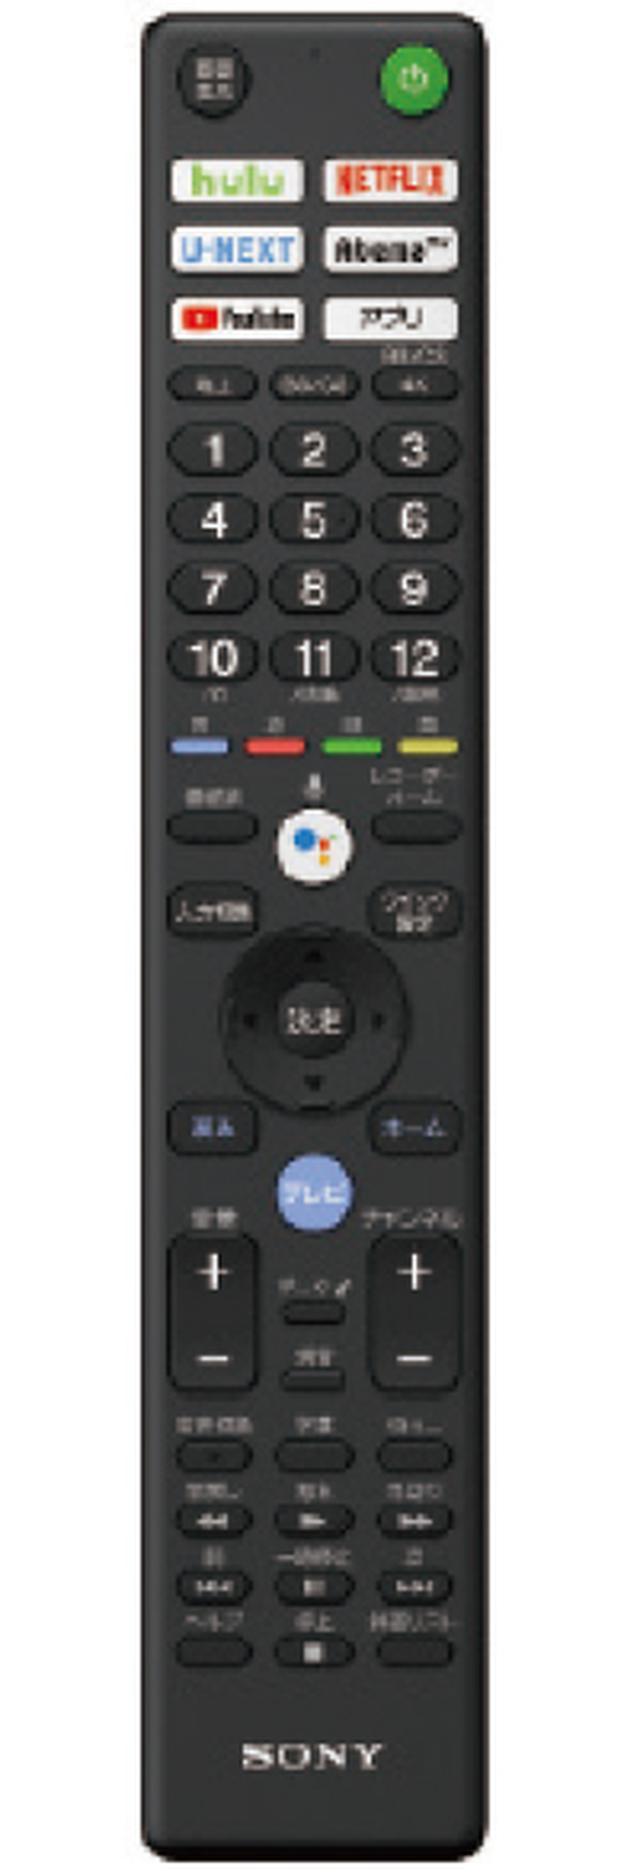 画像1: 【4Kテレビのおすすめ】2K/4K変換処理の性能がアップ!評価の高い15機種を徹底比較